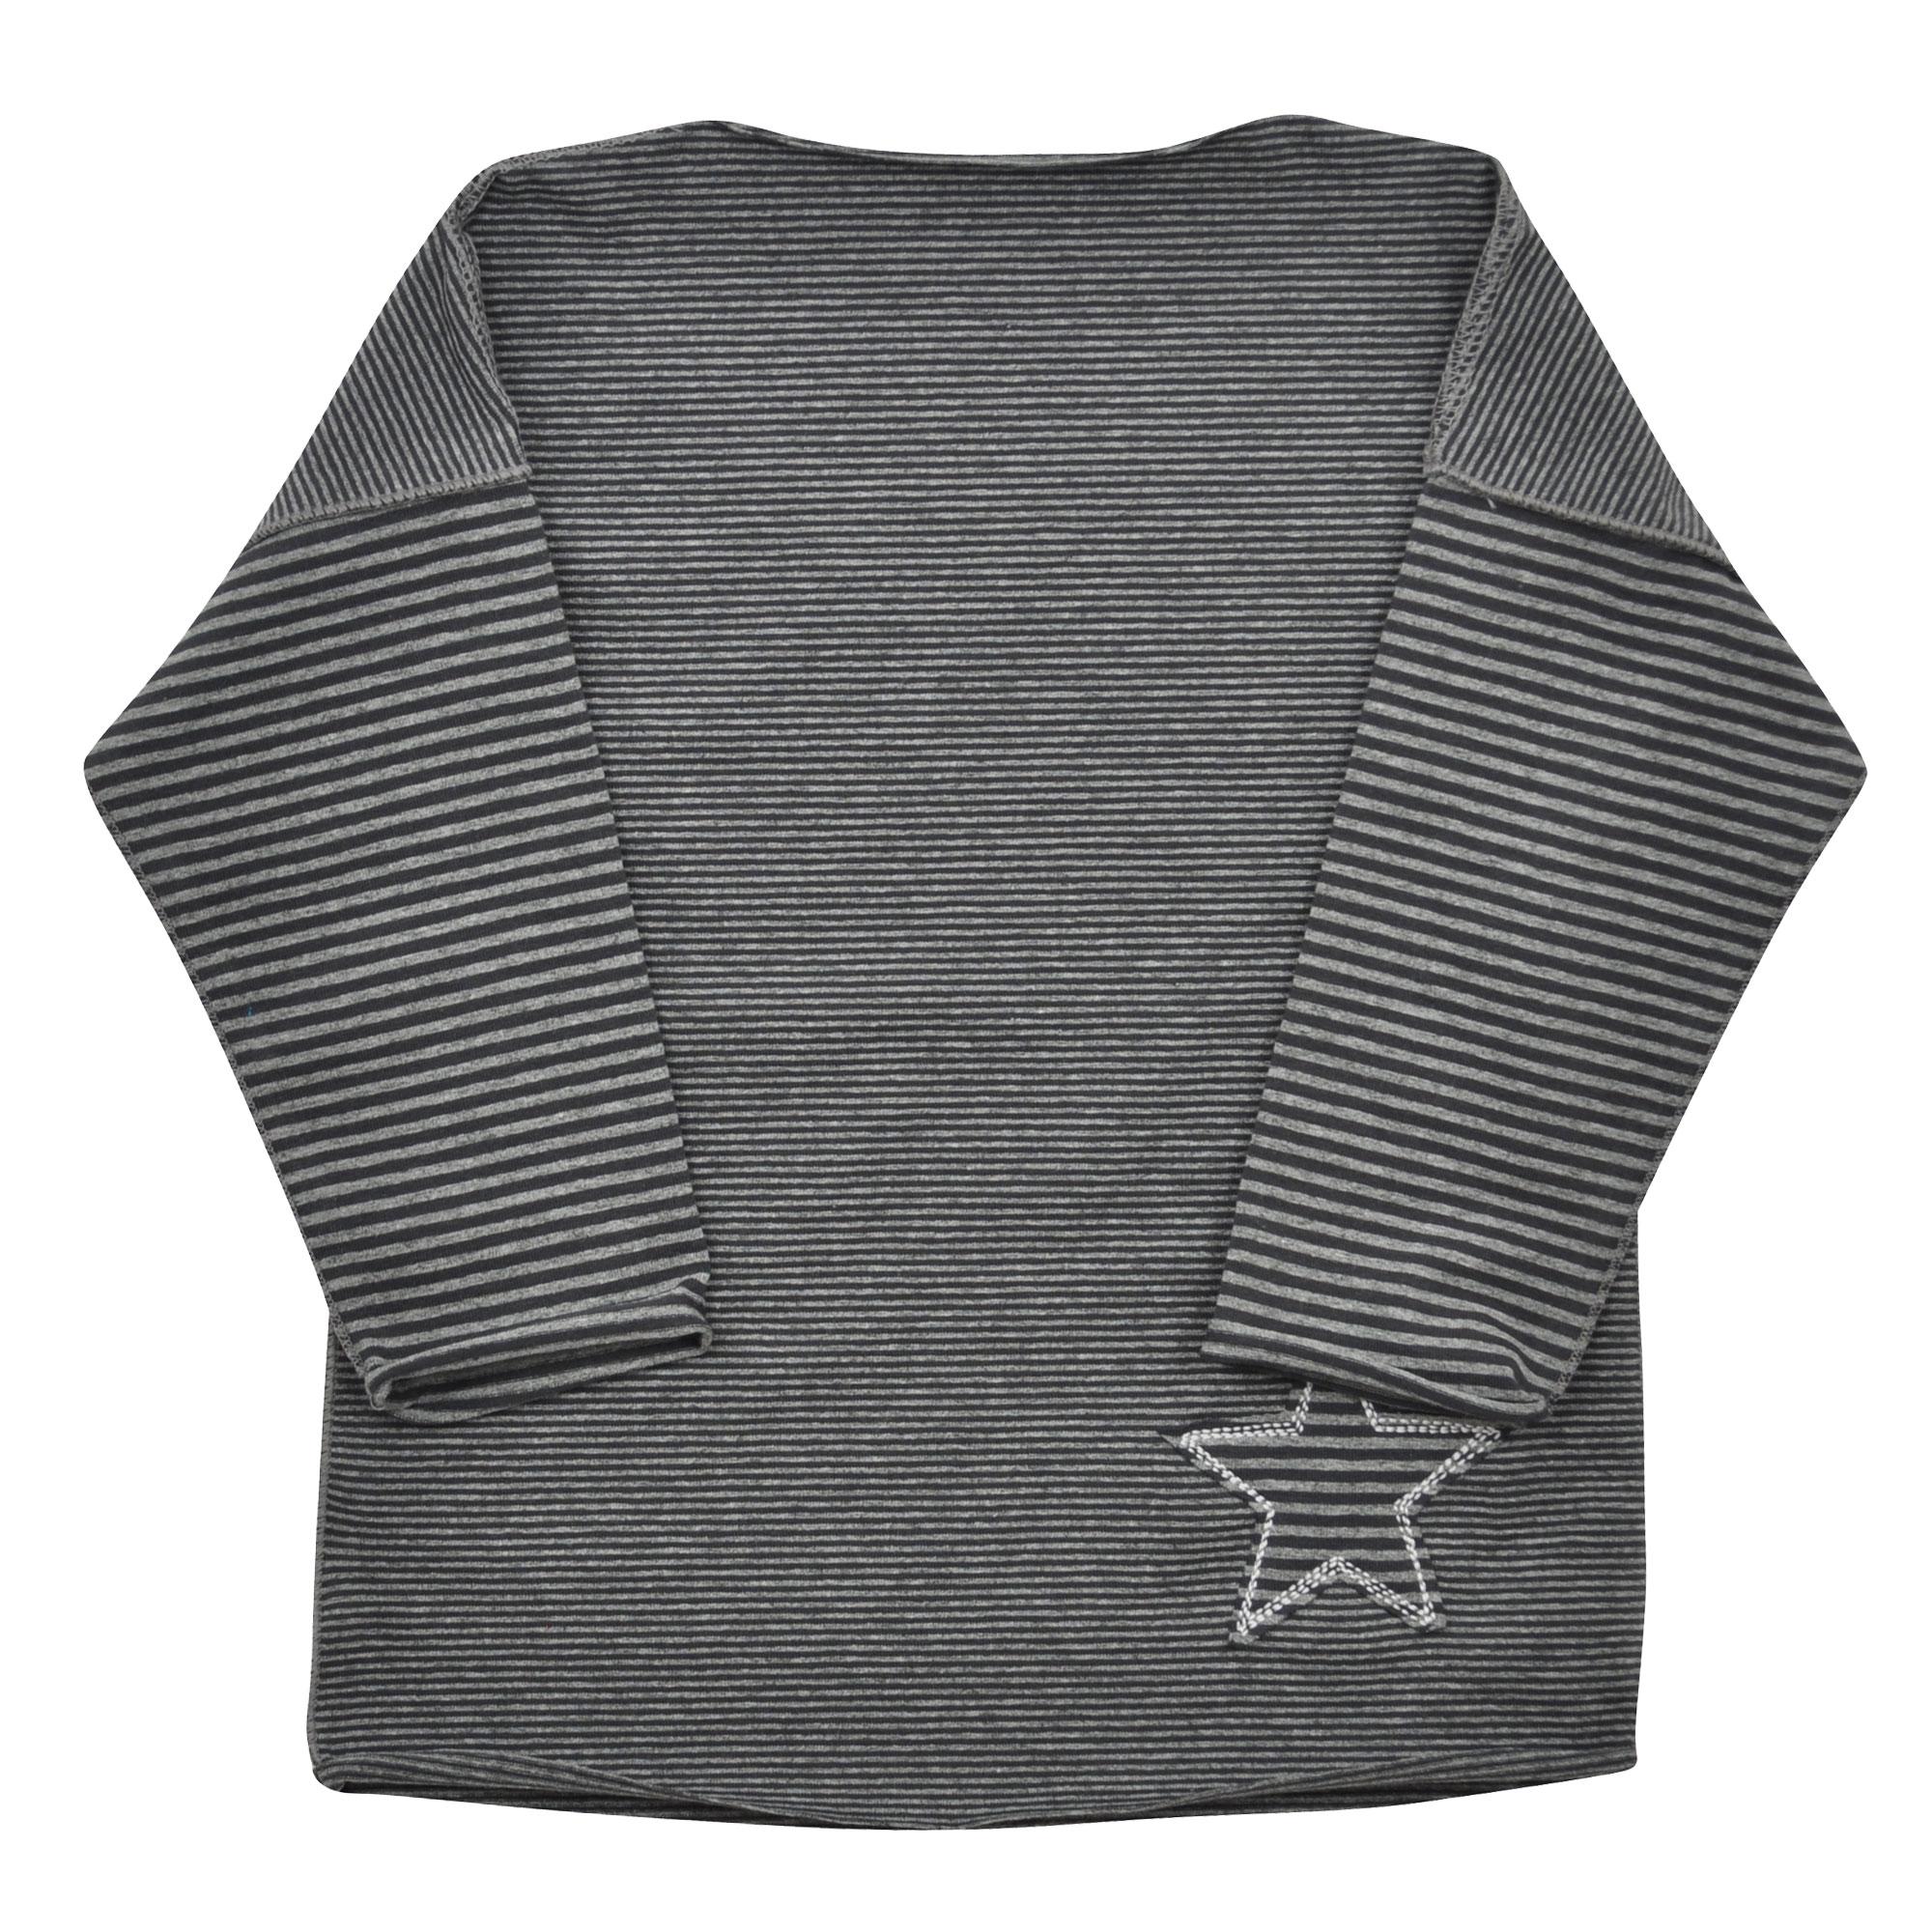 šedé pruhované tričko s dlouhým rukávem  1435665814